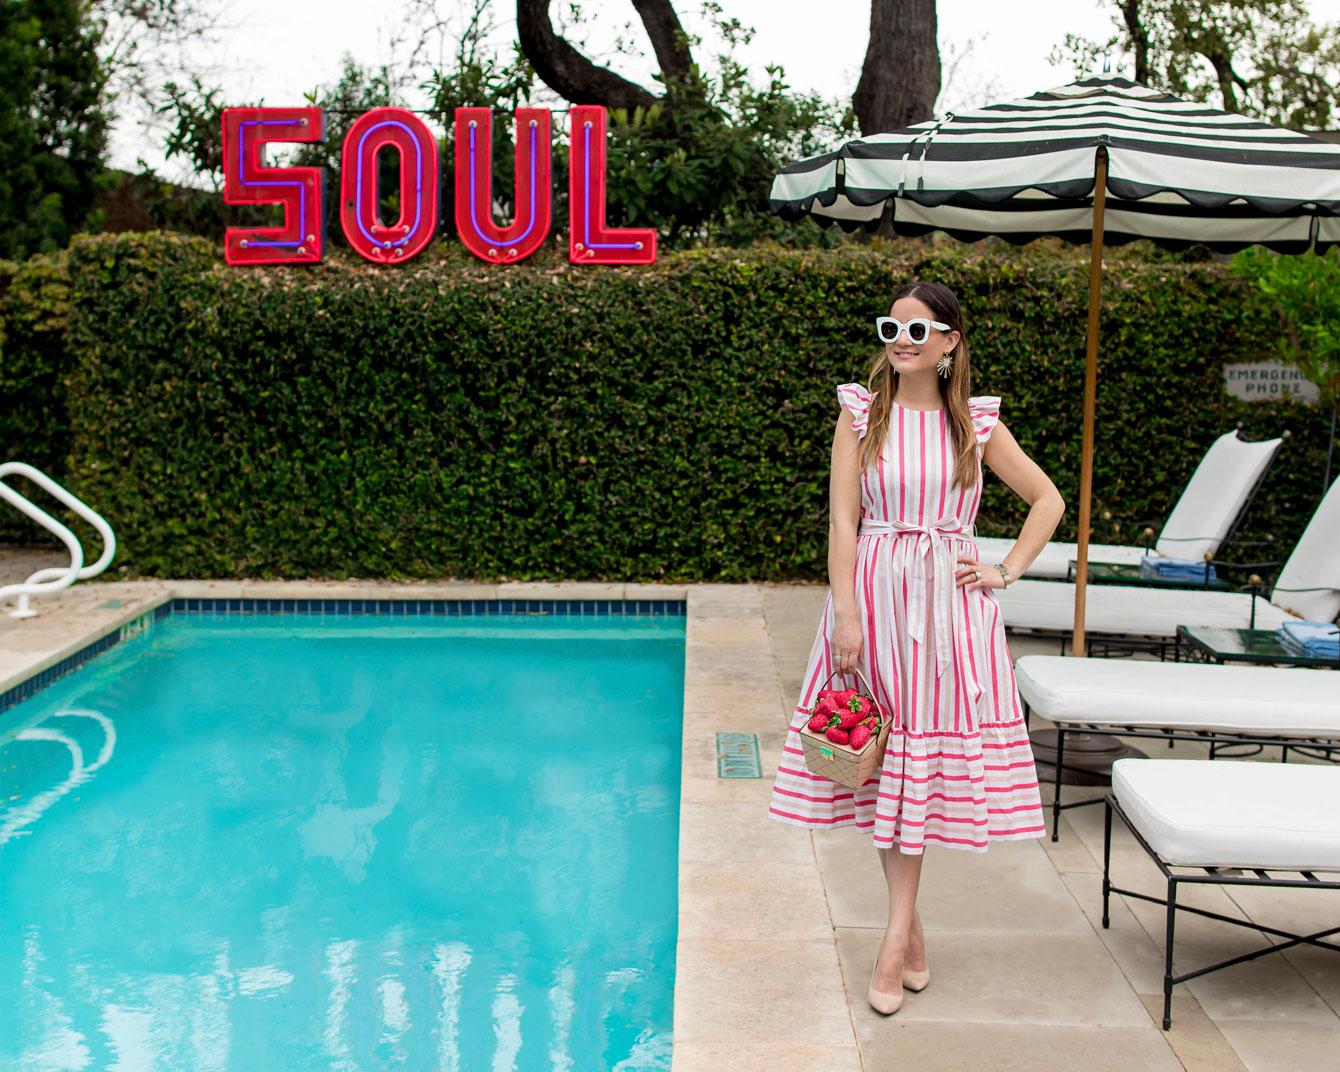 St Cecilia Soul Sign Austin